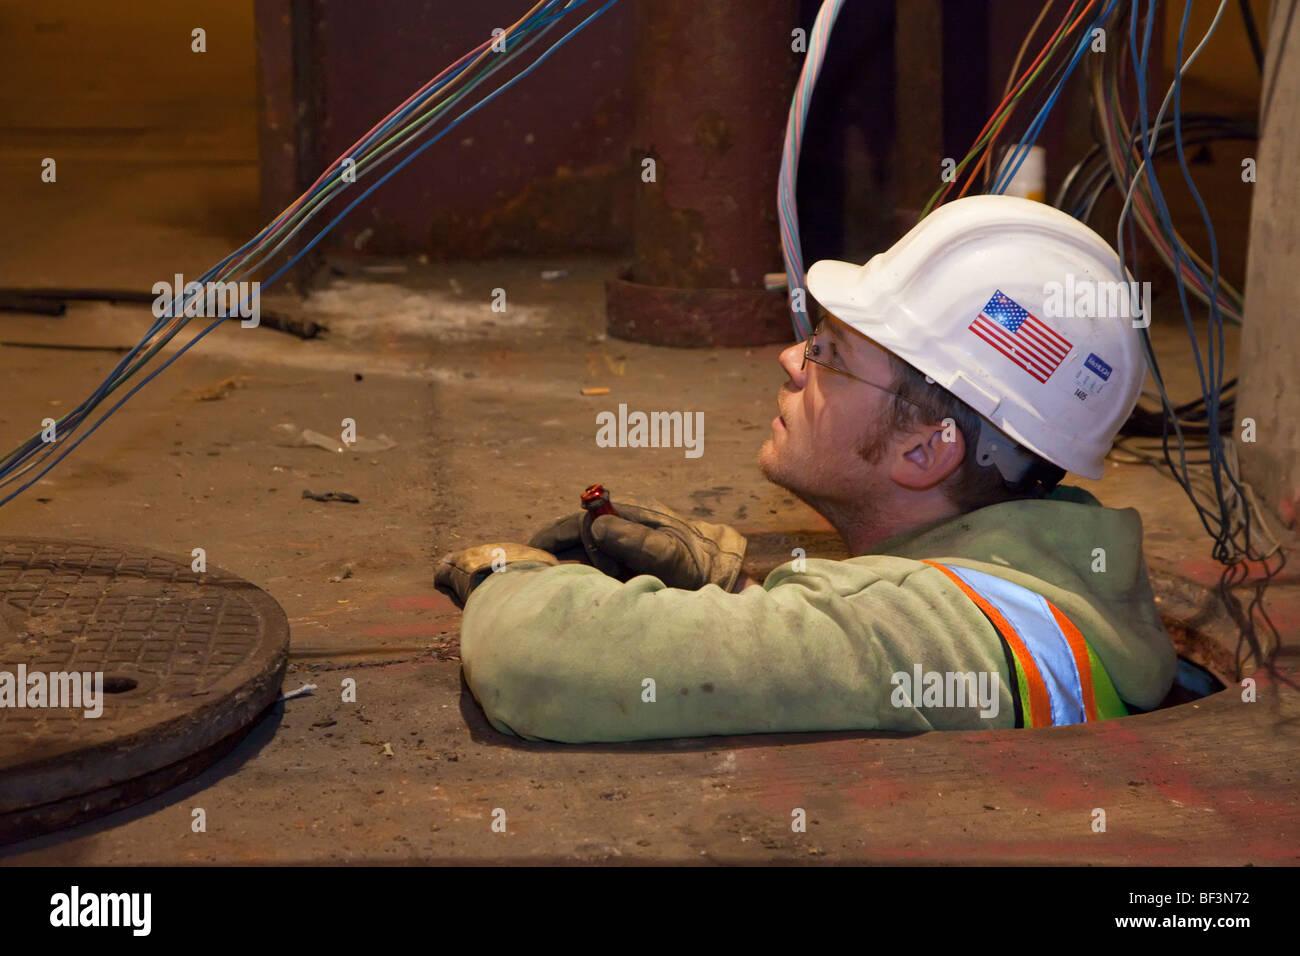 Chicago, Illinois - ein Angestellter im öffentlichen Dienst arbeiten an elektrischen Leitungen in einem Schacht. Stockbild